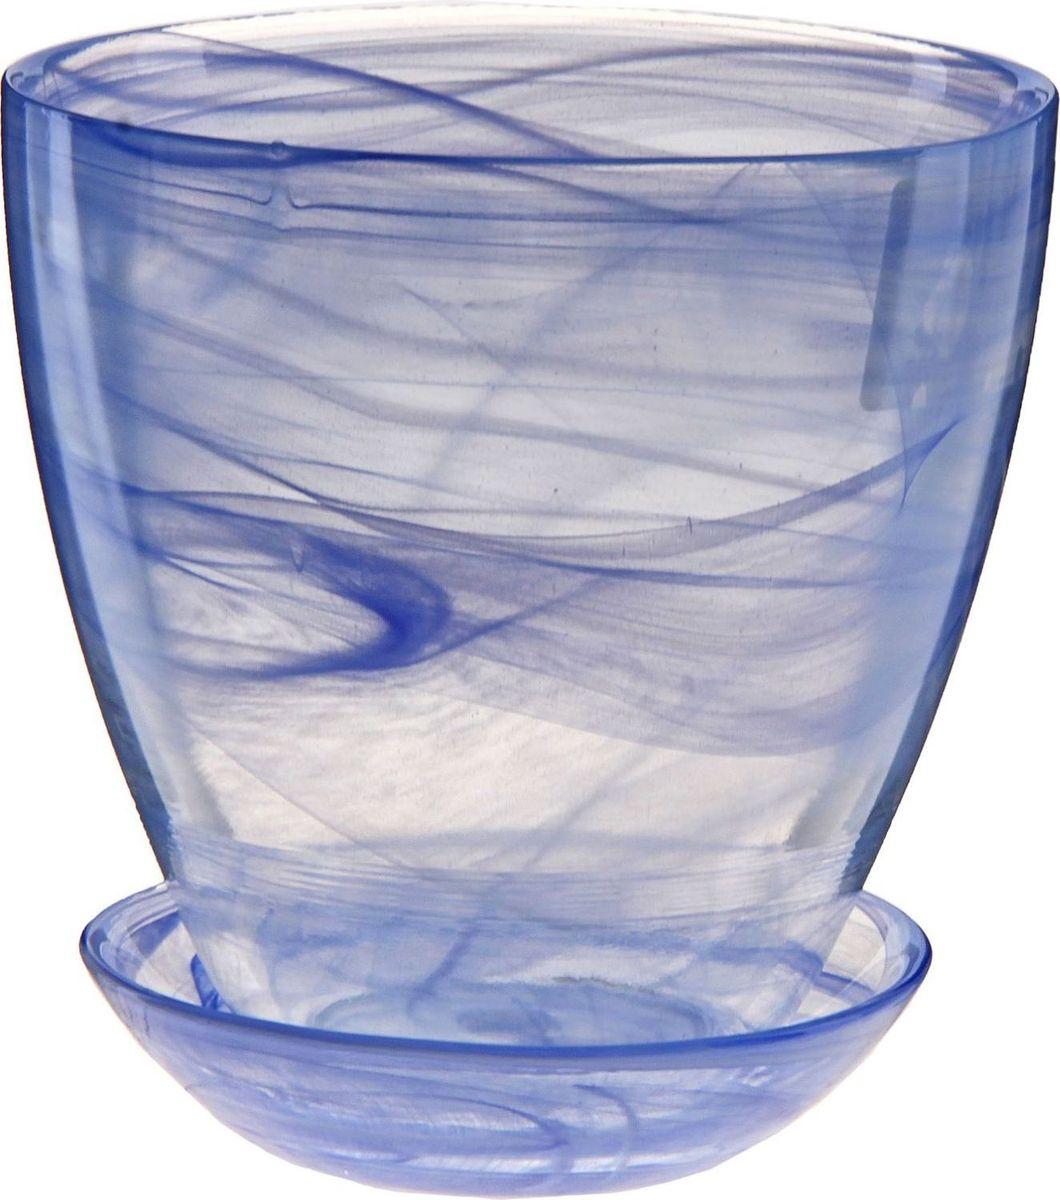 Кашпо NiNaGlass Гармония, с поддоном, цвет: синий, 0,7 л607676